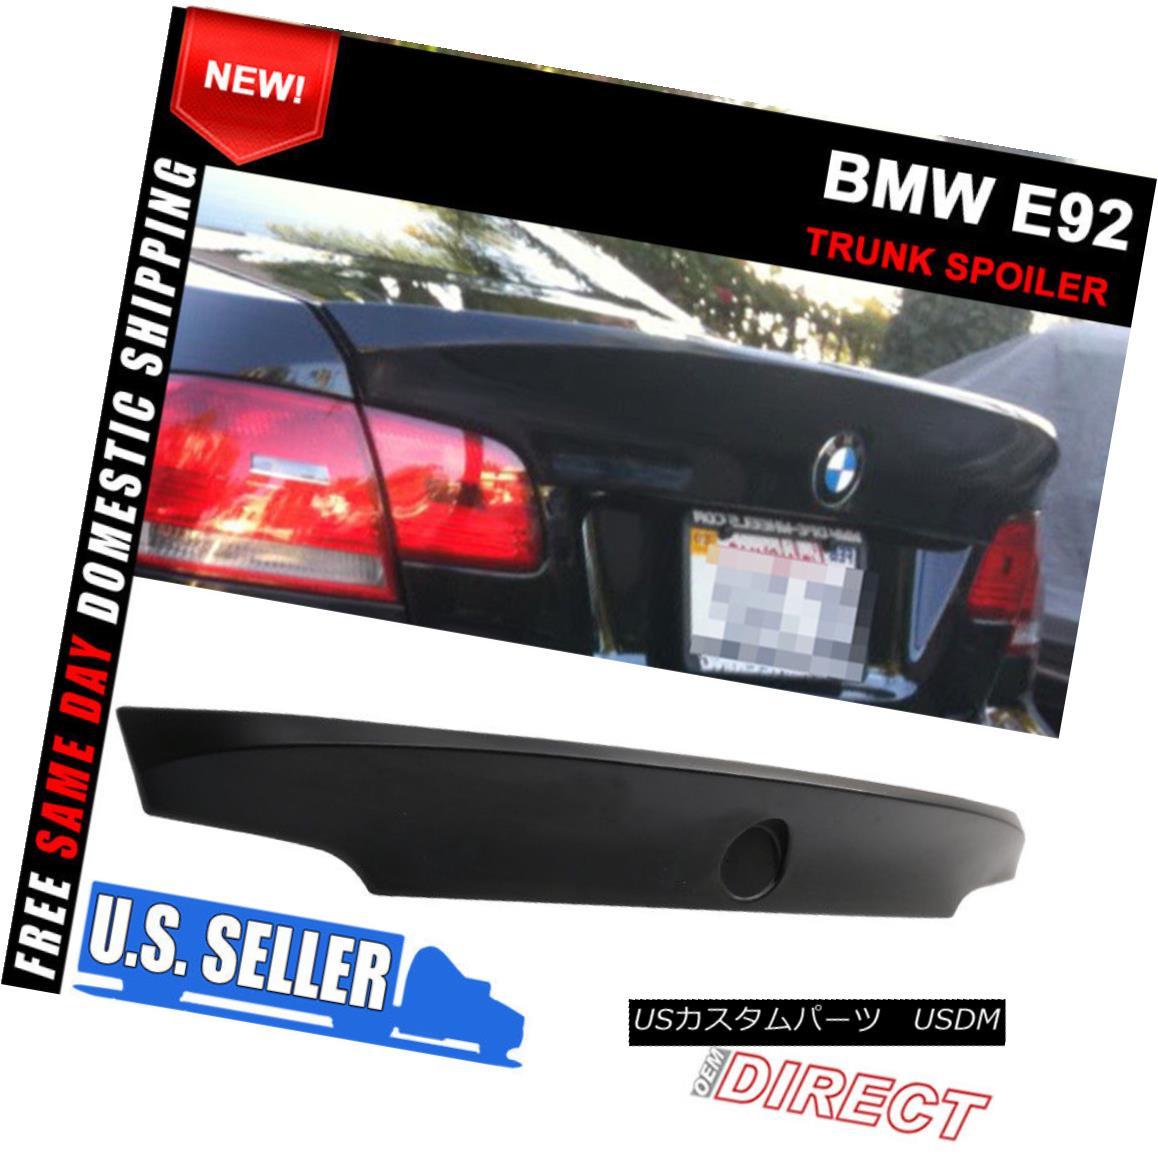 エアロパーツ 07-13 BMW 3-Series E92 M3 CSL Style Unpainted Trunk Spoiler Wing - ABS 07-13 BMW 3シリーズE92 M3 CSLスタイル未塗装トランク・スポイラー・ウィング - ABS